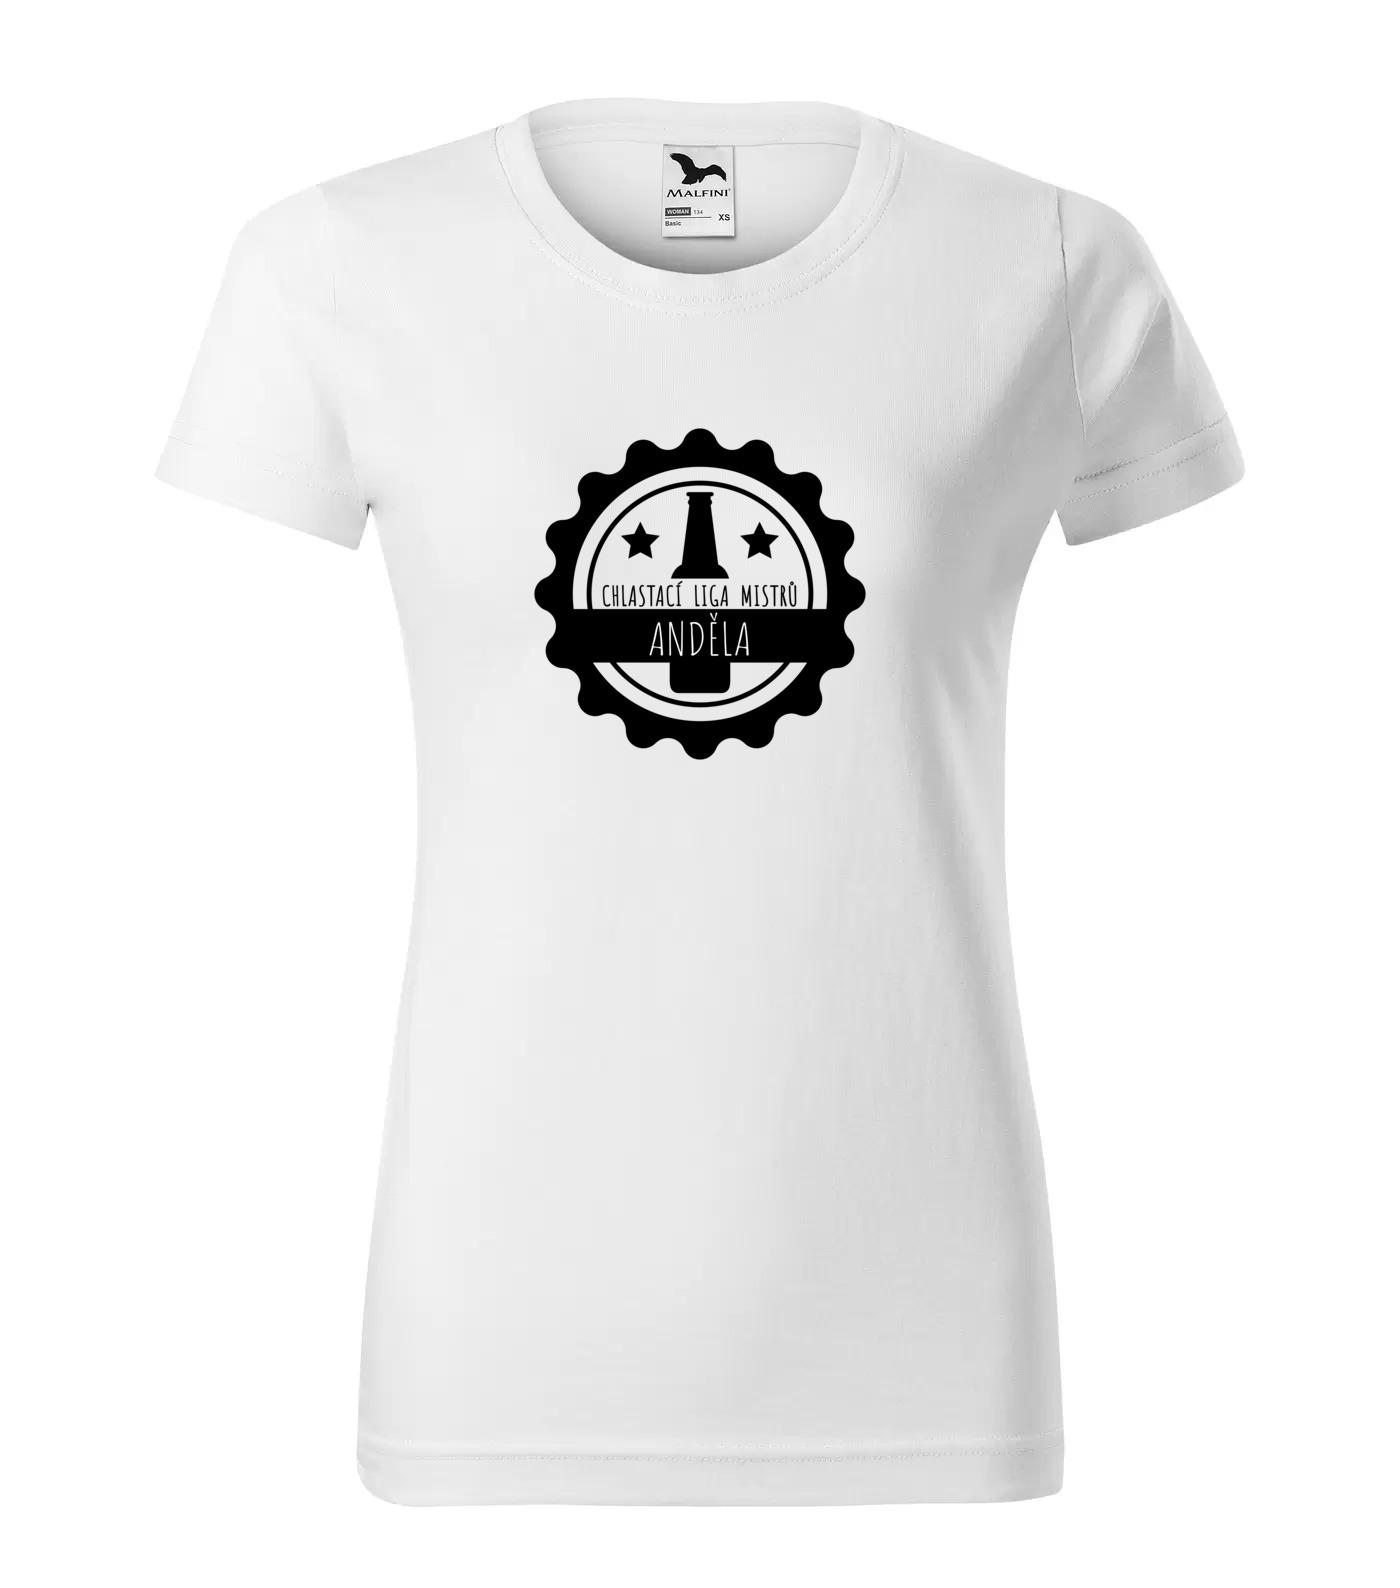 Tričko Chlastací liga žen Anděla